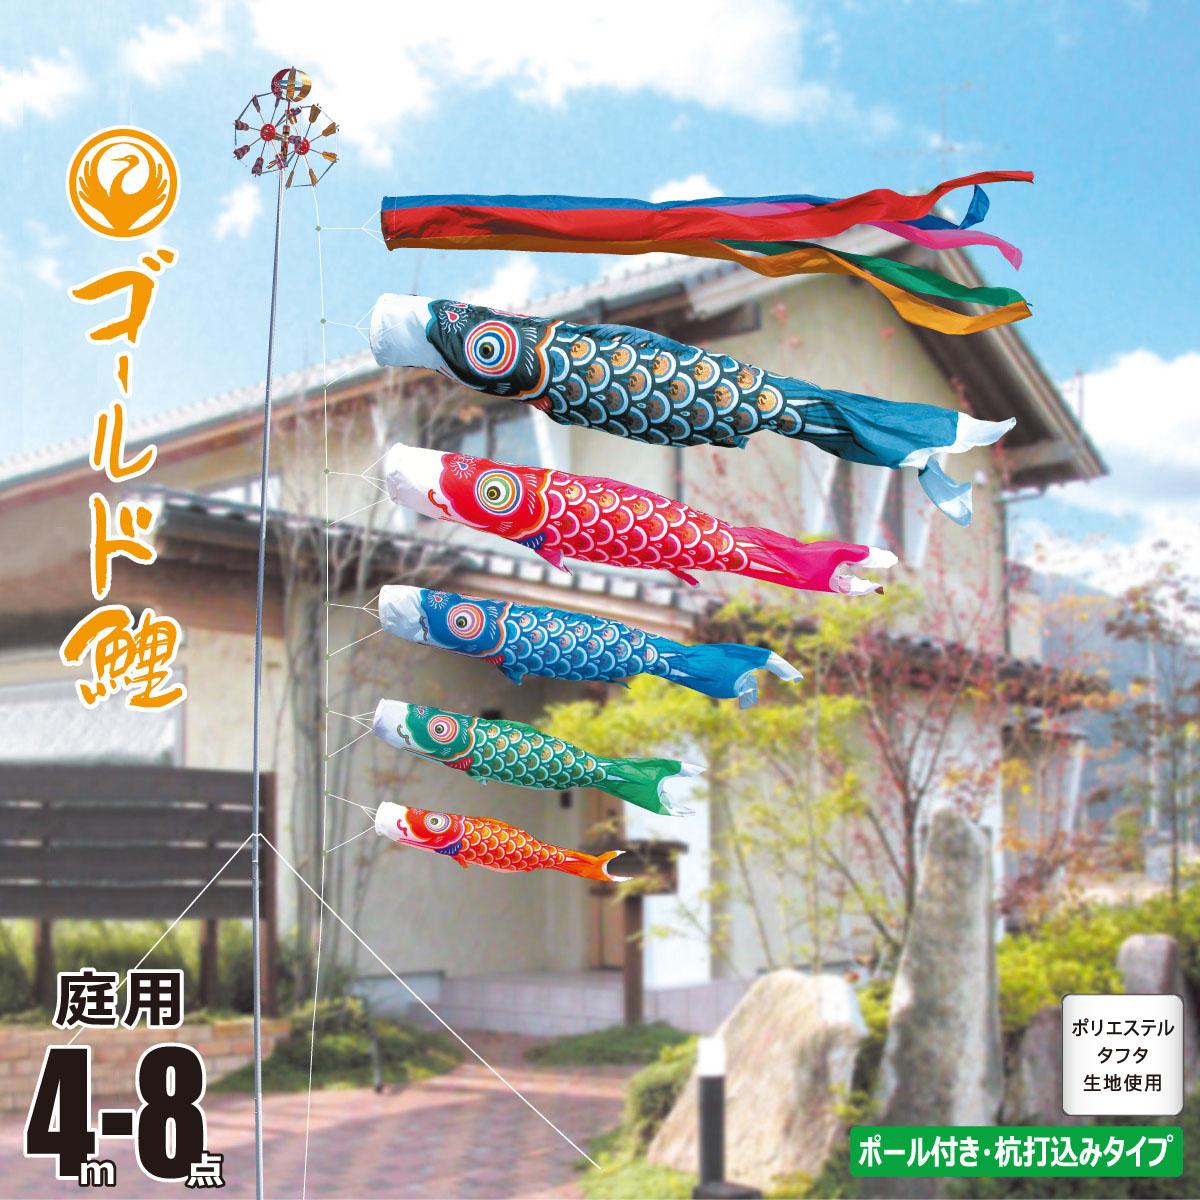 こいのぼり 4m ゴールド鯉 8点 (矢車、ロープ、吹流し、鯉5匹) 庭園用 ガーデンセット (専用ポール一式) 徳永鯉のぼり KIT-112-452